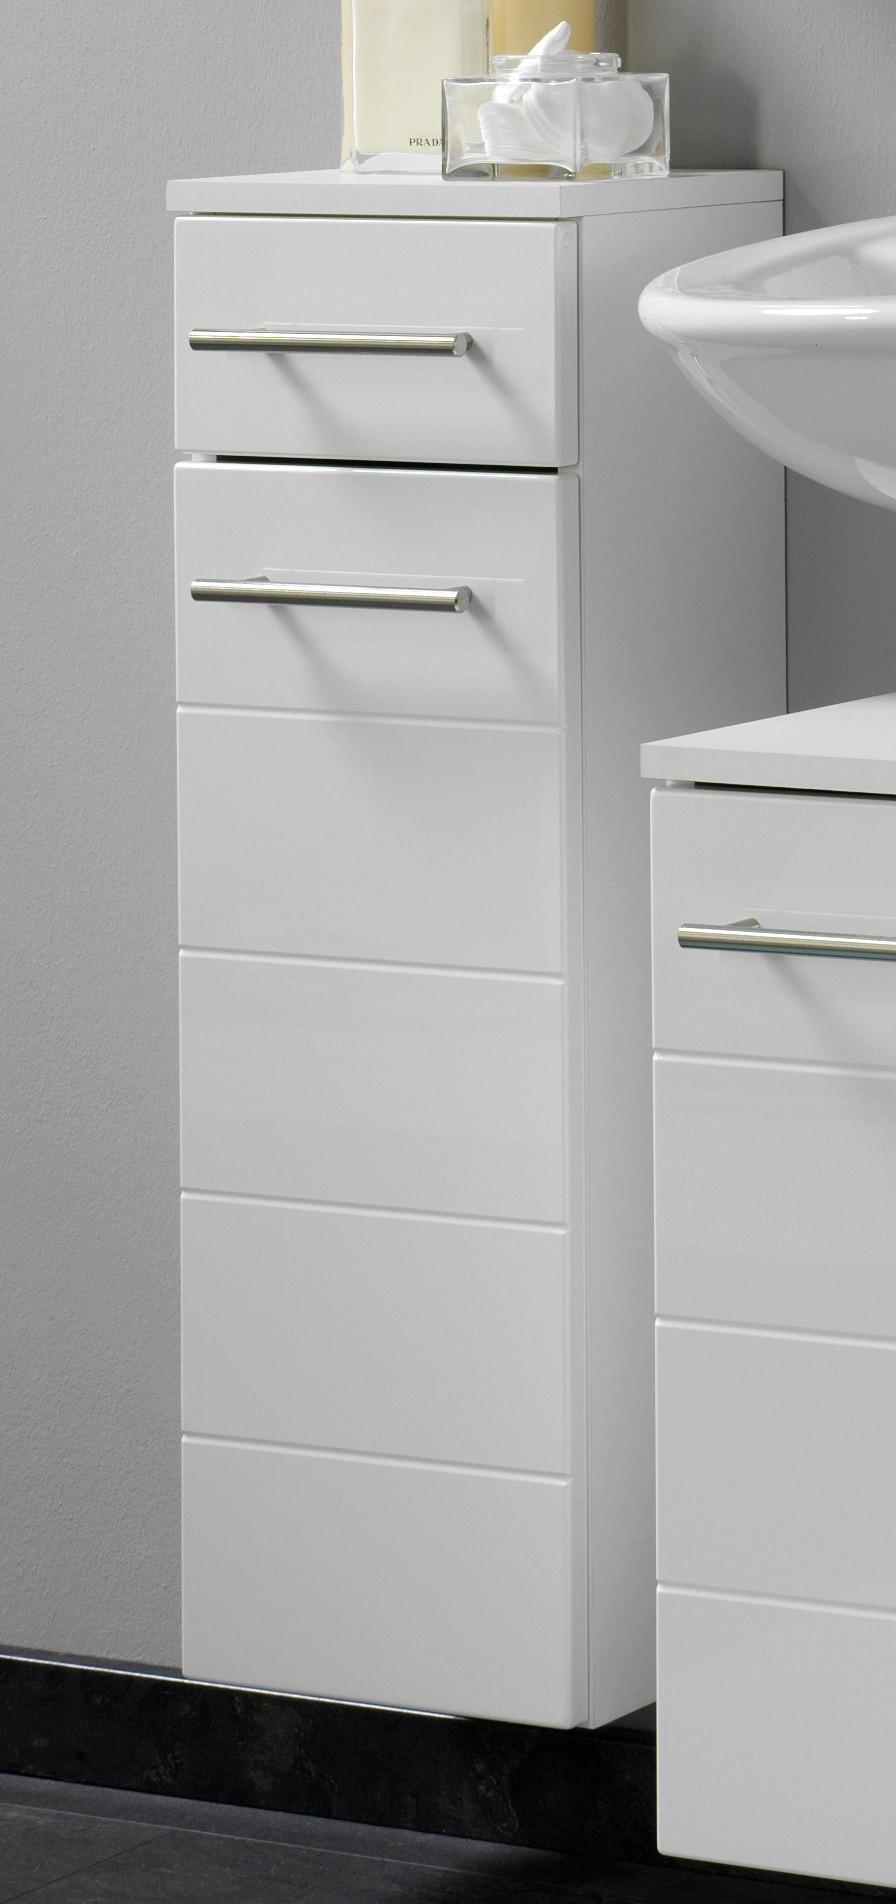 bad unterschrank rimini 1 t rig 1 schublade 25 cm. Black Bedroom Furniture Sets. Home Design Ideas